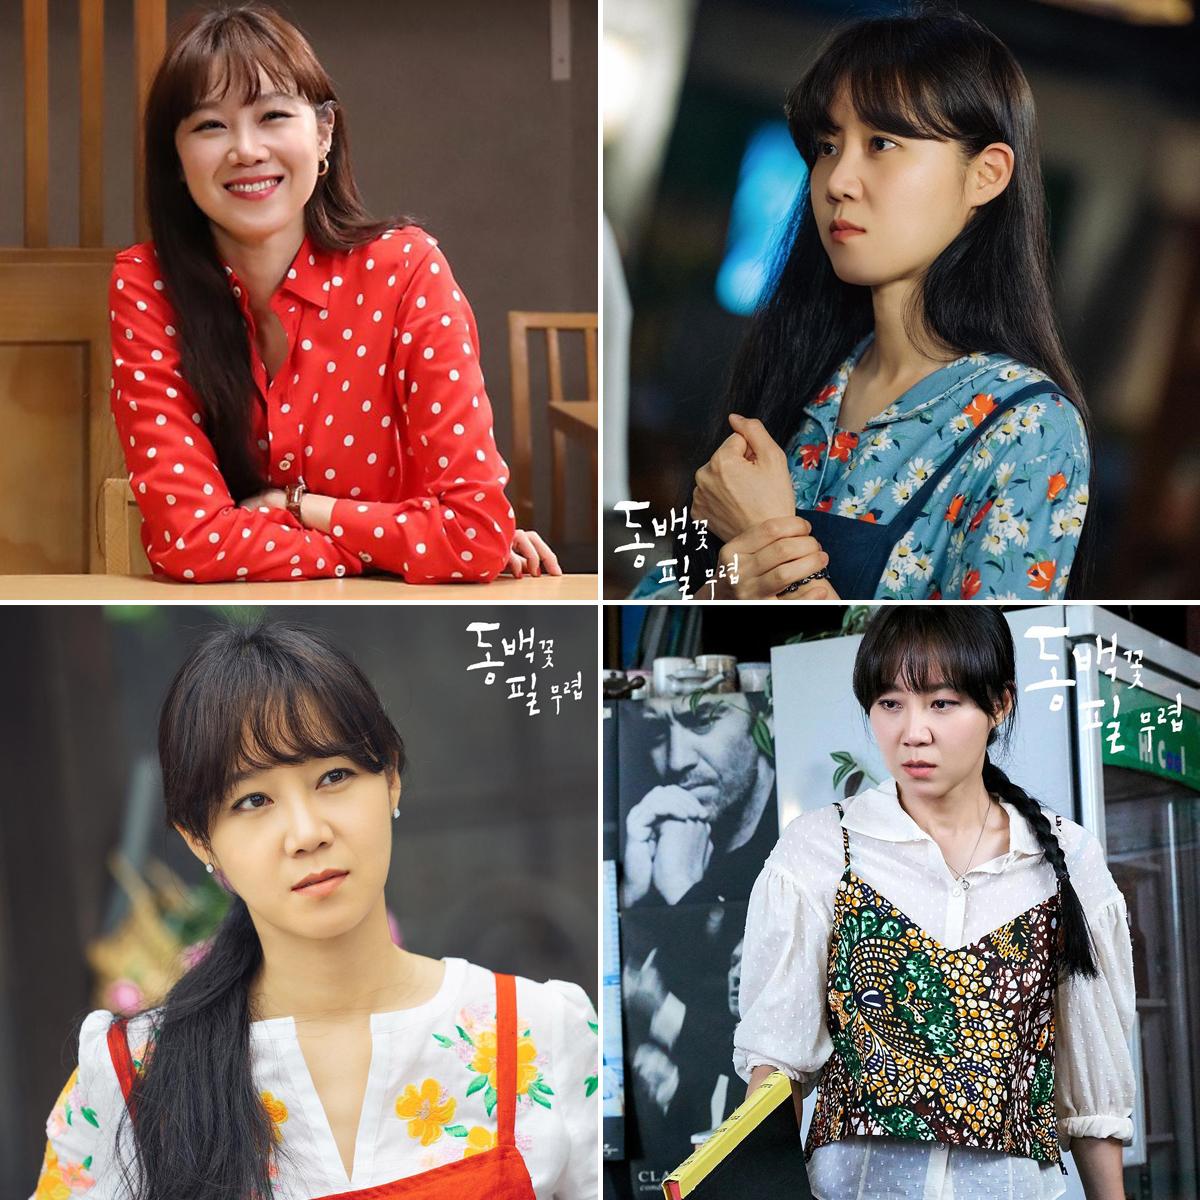 Thời trang trong phim khi hoa trà nở - Gong Hyo Jin mặc trang phục in họa tiết